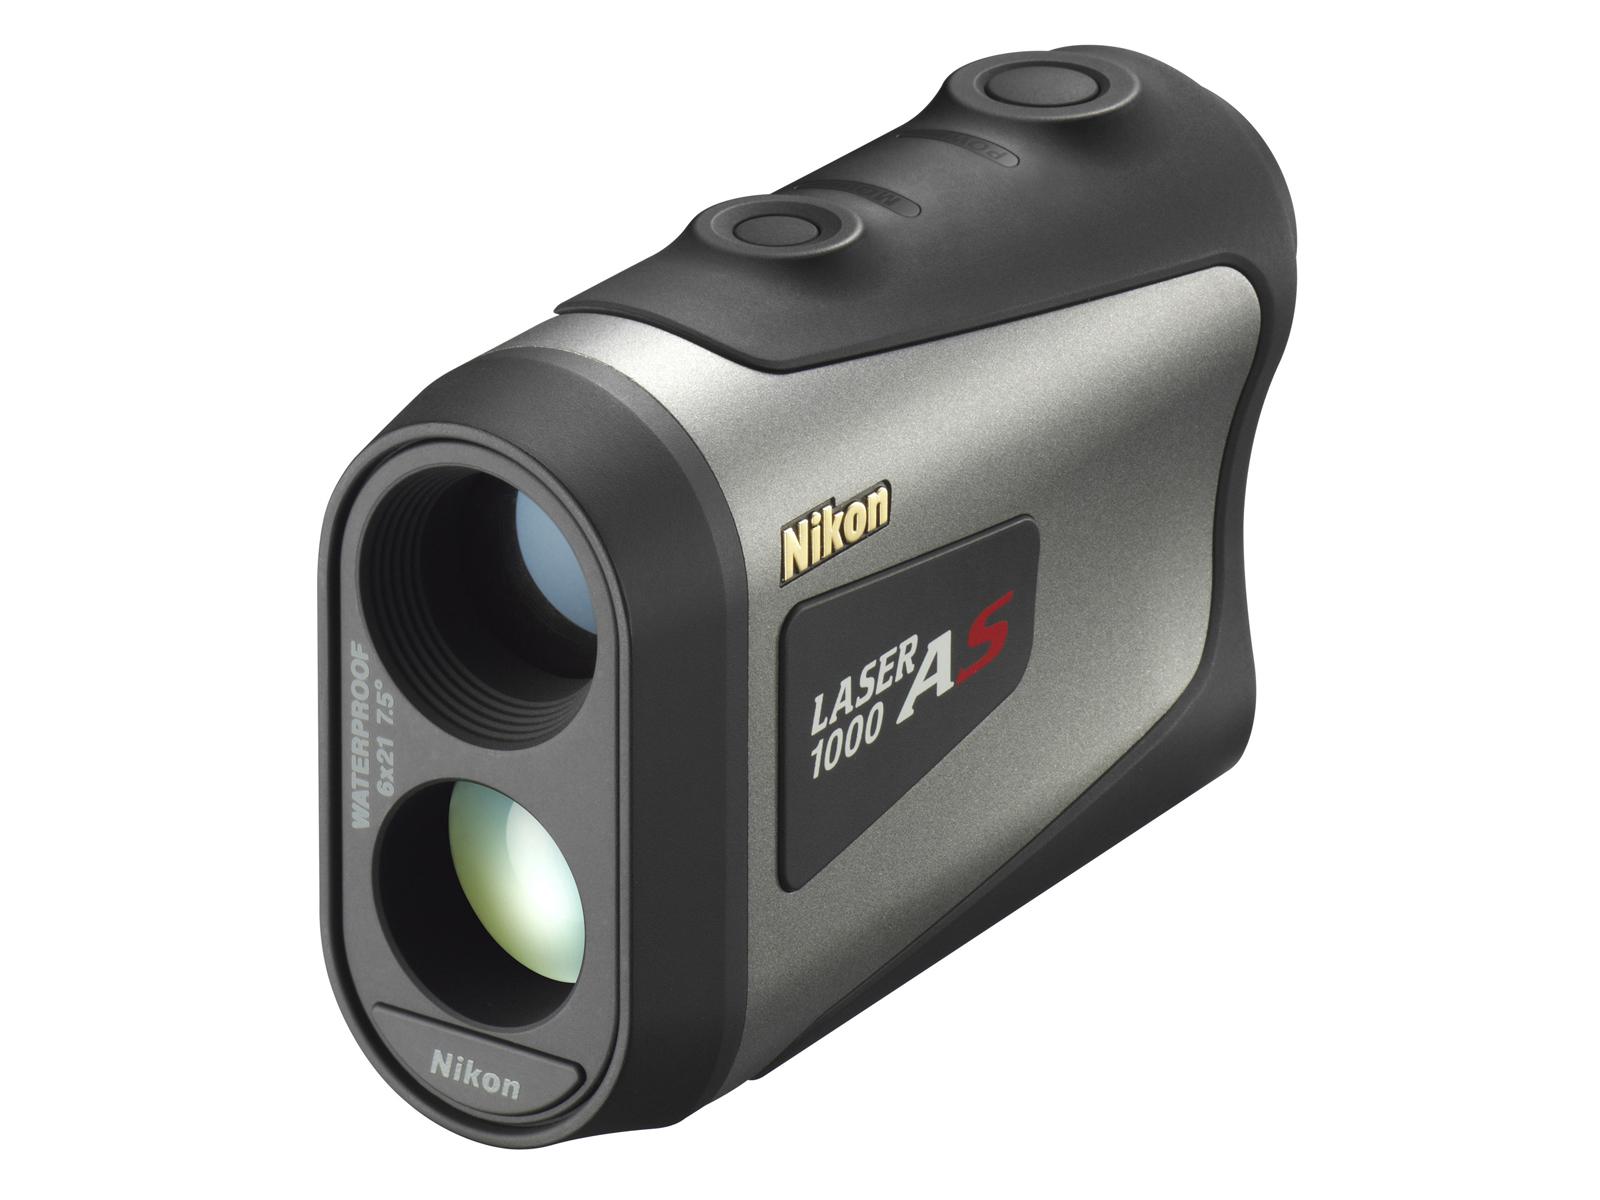 Nikon Entfernungsmesser Kaufen : Laser entfernungsmesser prostaff nikon store